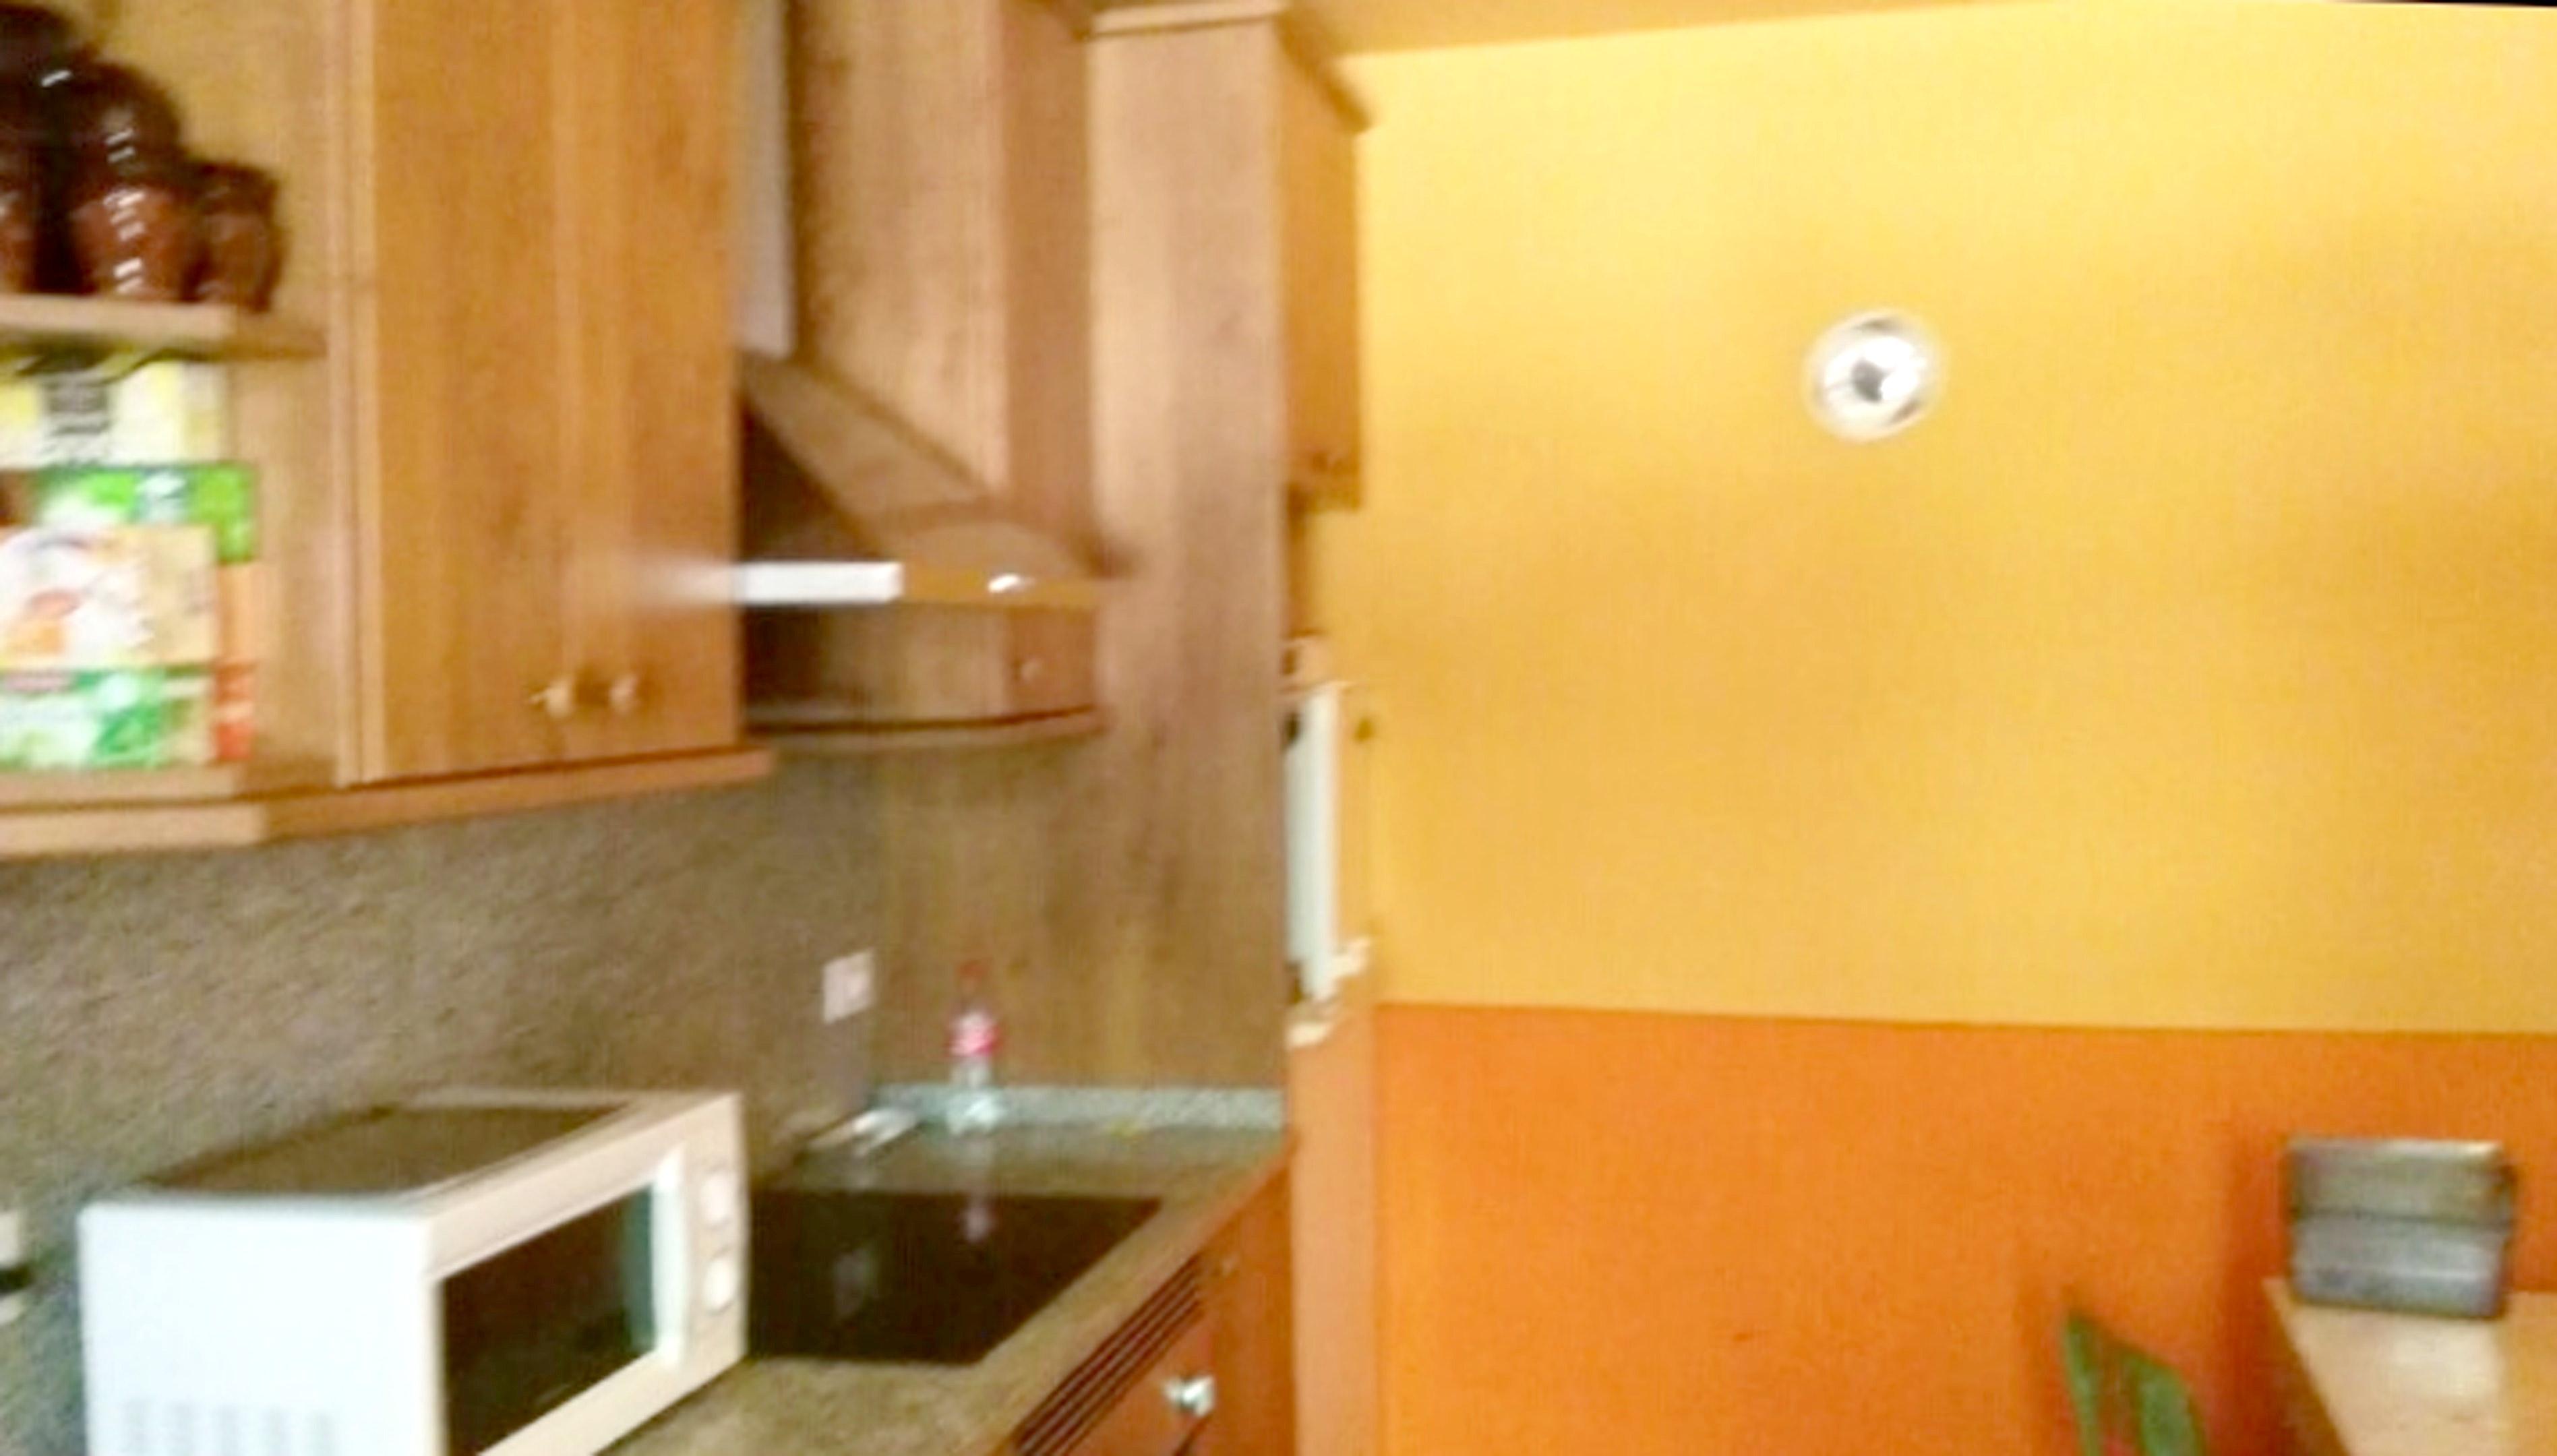 Ferienhaus Haus mit 4 Schlafzimmern in Baralla mit möbliertem Garten (2202040), Baralla, Lugo, Galicien, Spanien, Bild 13